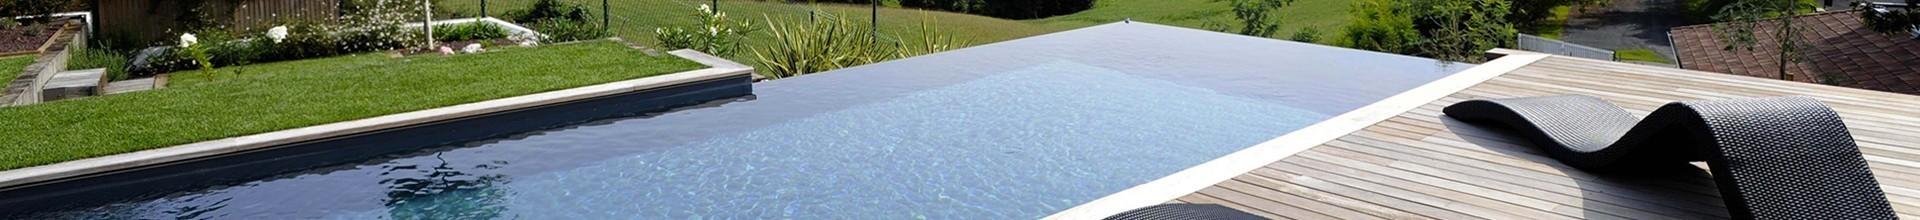 Normandie Fabricant d'une piscine révolutionnaire et innovante